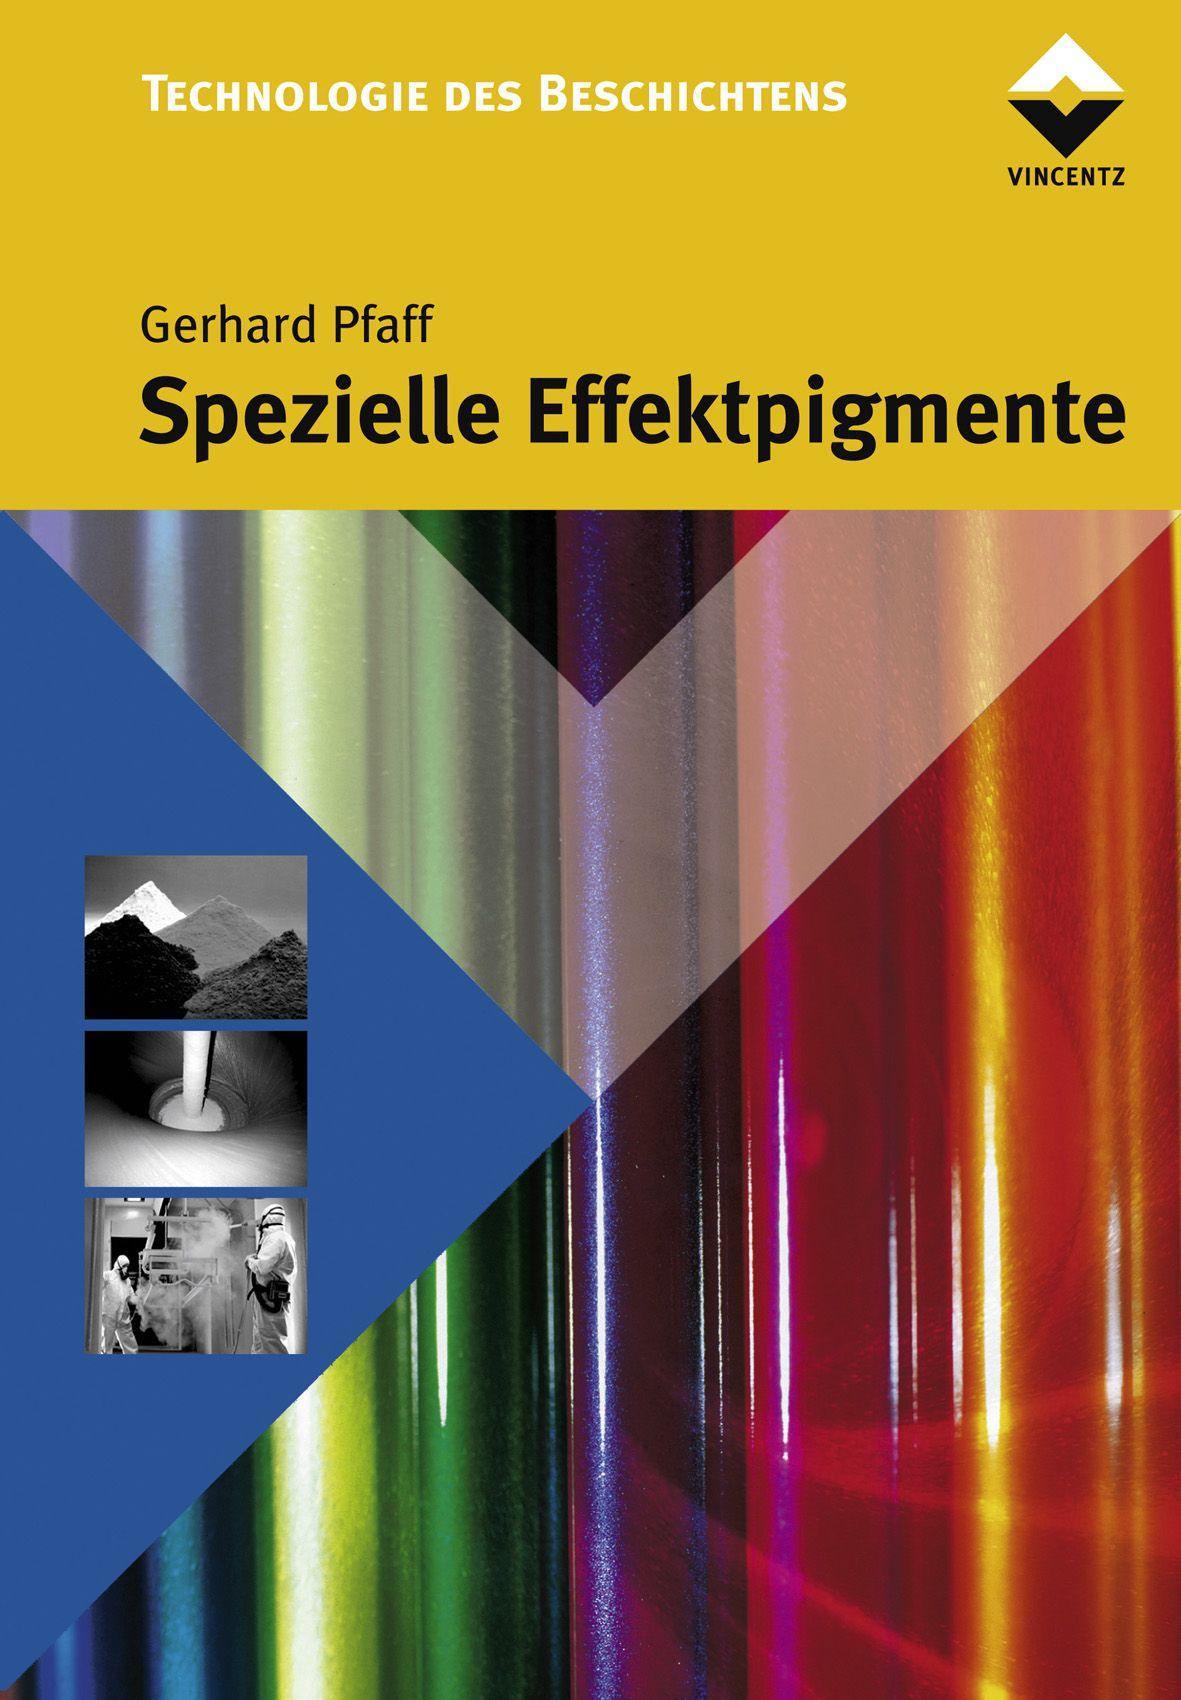 Spezielle Effektpigmente von Pfaff, Gerhard: Grundlagen und Anwendunge